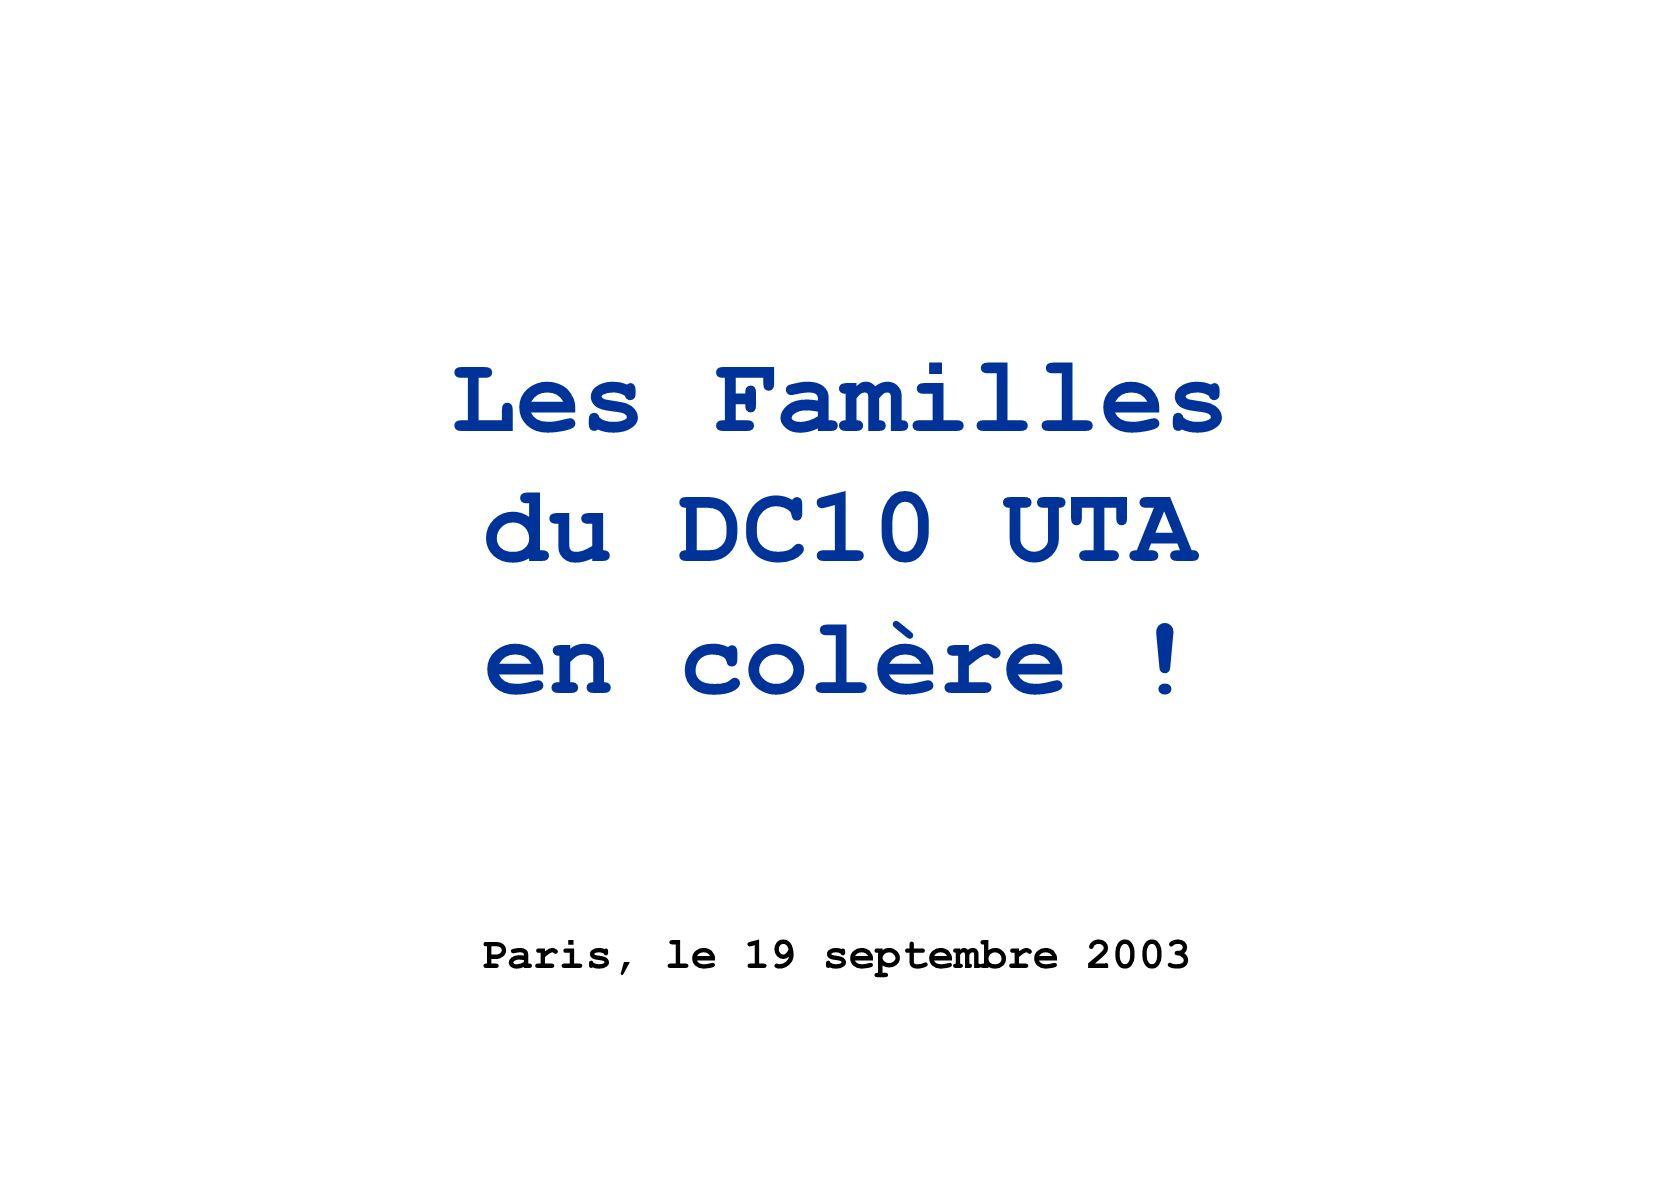 Les Familles du DC10 UTA en colère !